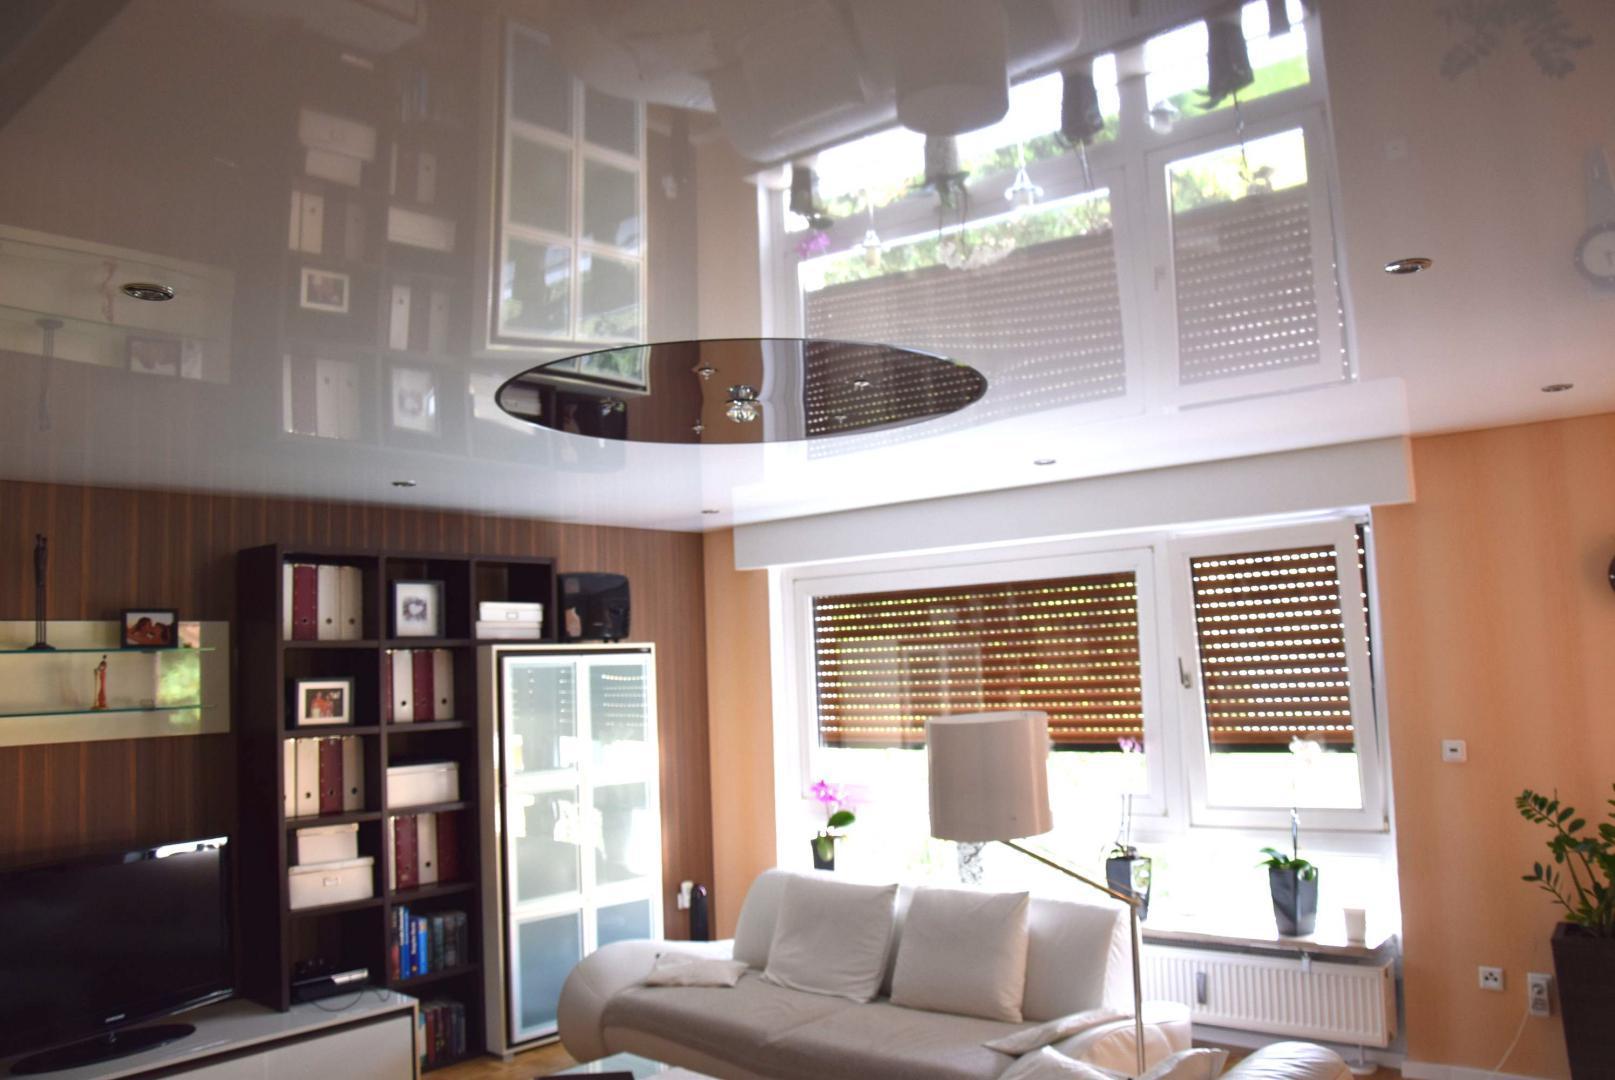 Full Size of Schöne Wohnzimmer Decken Wohnzimmer Decken Aus Rigips Wohnzimmer Decken Paneele Wohnzimmer Decken Beispiel Wohnzimmer Wohnzimmer Decken